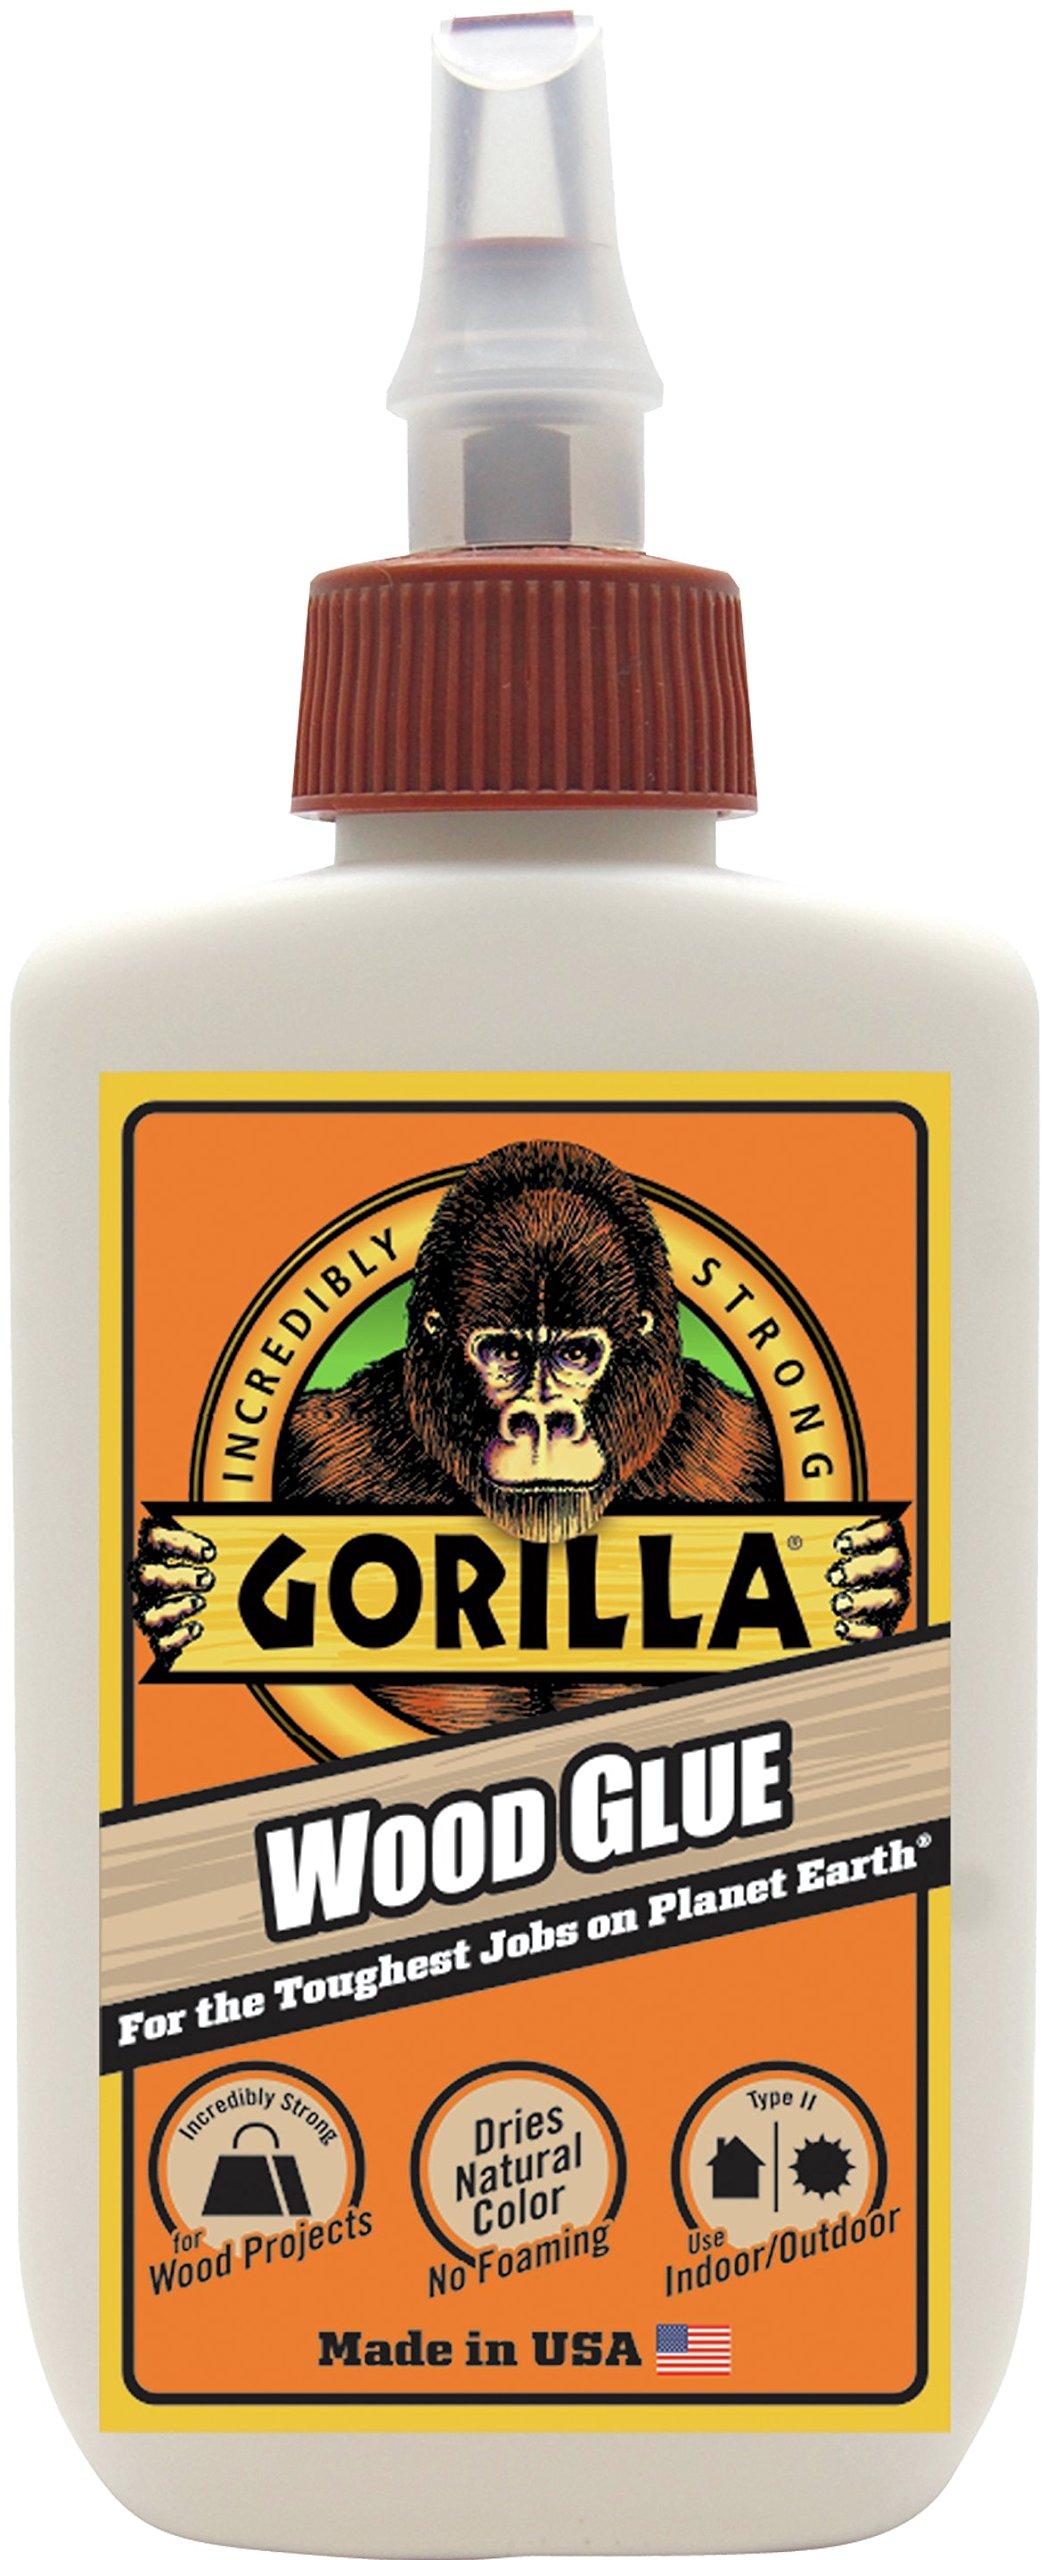 Gorilla 6202001 Wood Glue, 4 oz.